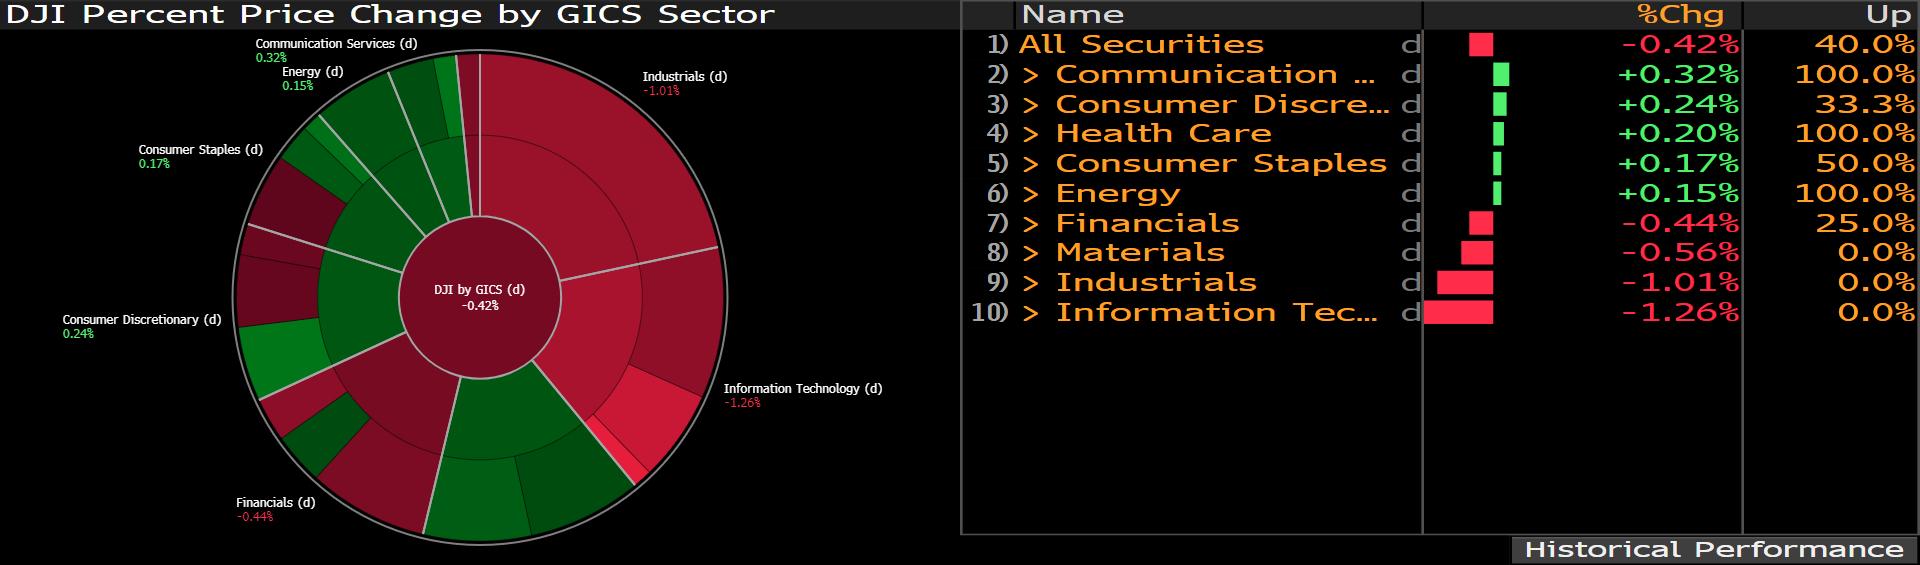 Zestawienie zmian notowań spółek indeksu Dow Jones w podziale na sektory; Źródło: Bloomberg